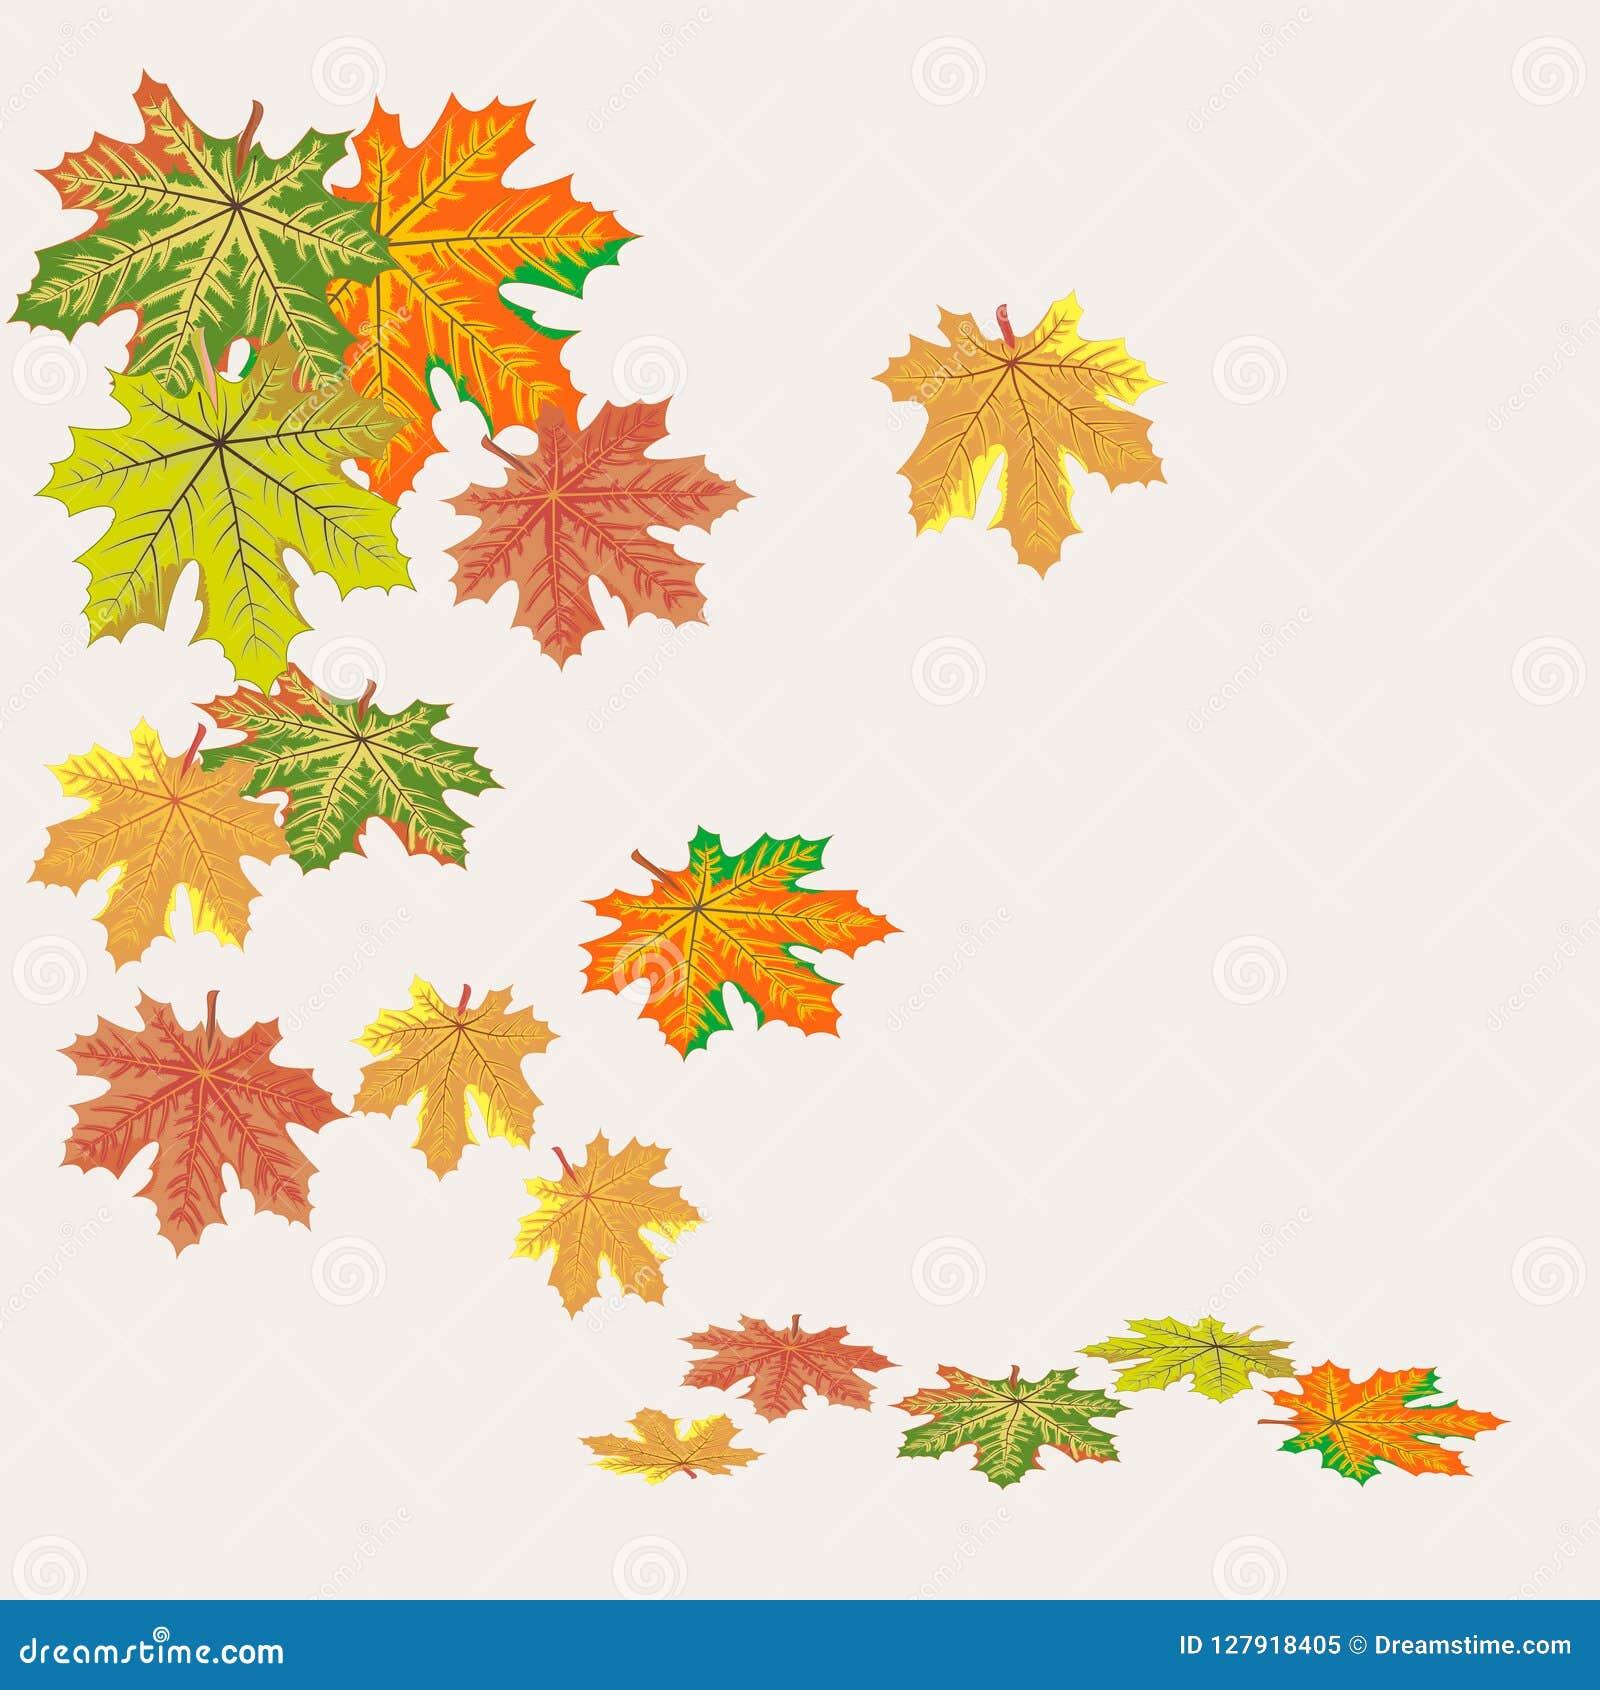 Automne De Feuille De Clipart De Graphiques De Vecteur Illustration De Vecteur Illustration Du Automne Feuille 127918405